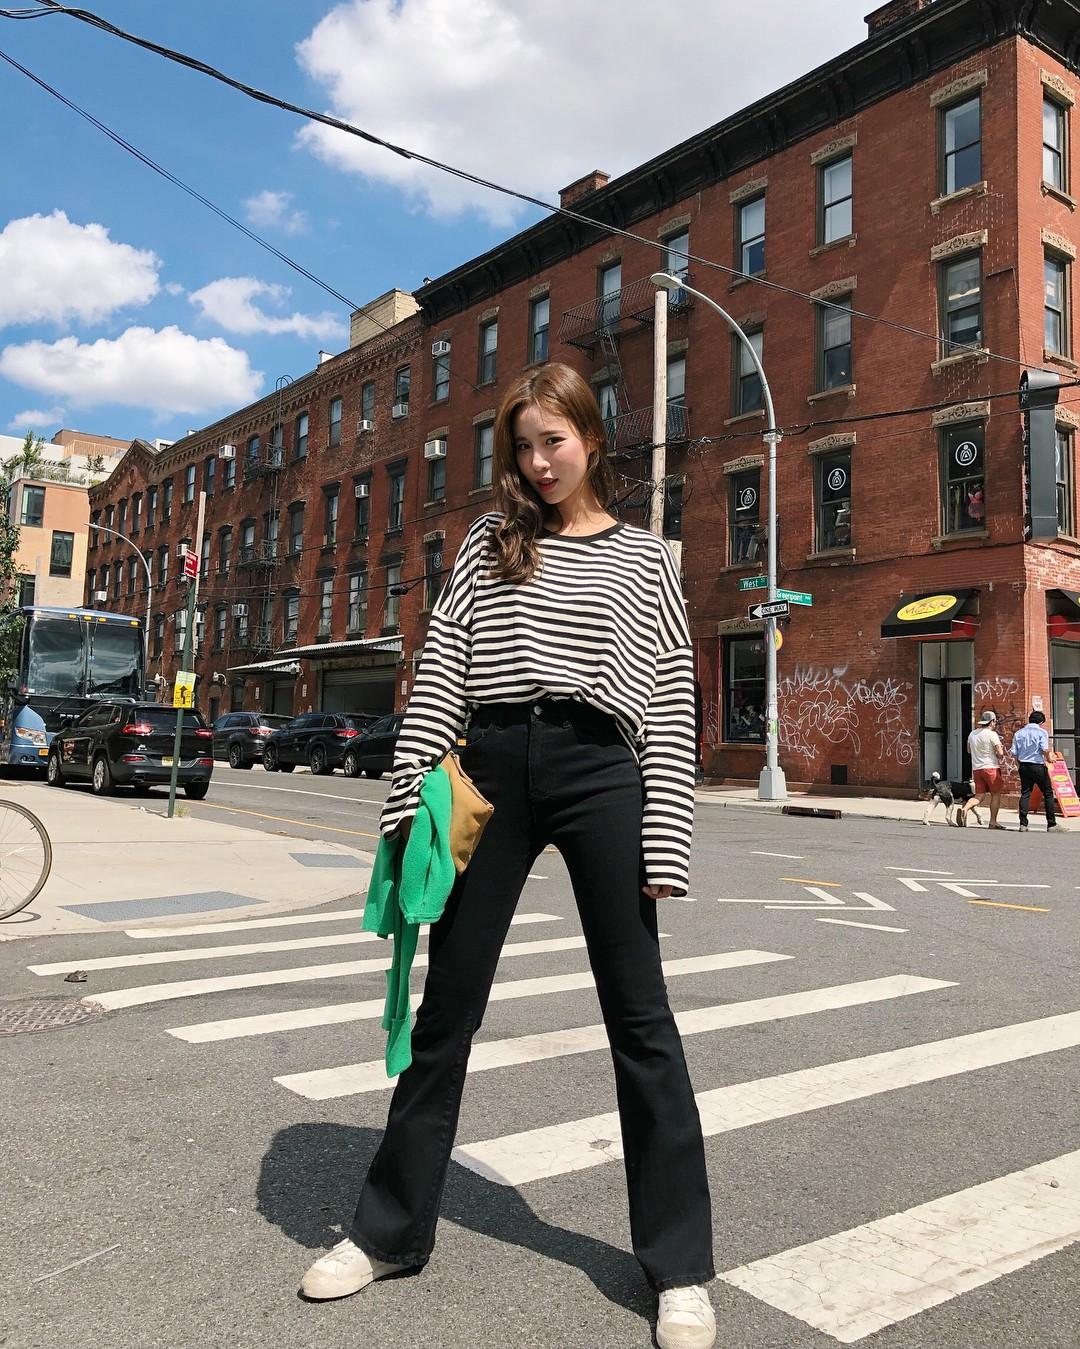 5 kiểu áo thun dài tay hoàn hảo cho những ngày nóng lạnh thất thường, diện lên sành điệu và trẻ trung hết mực - 5